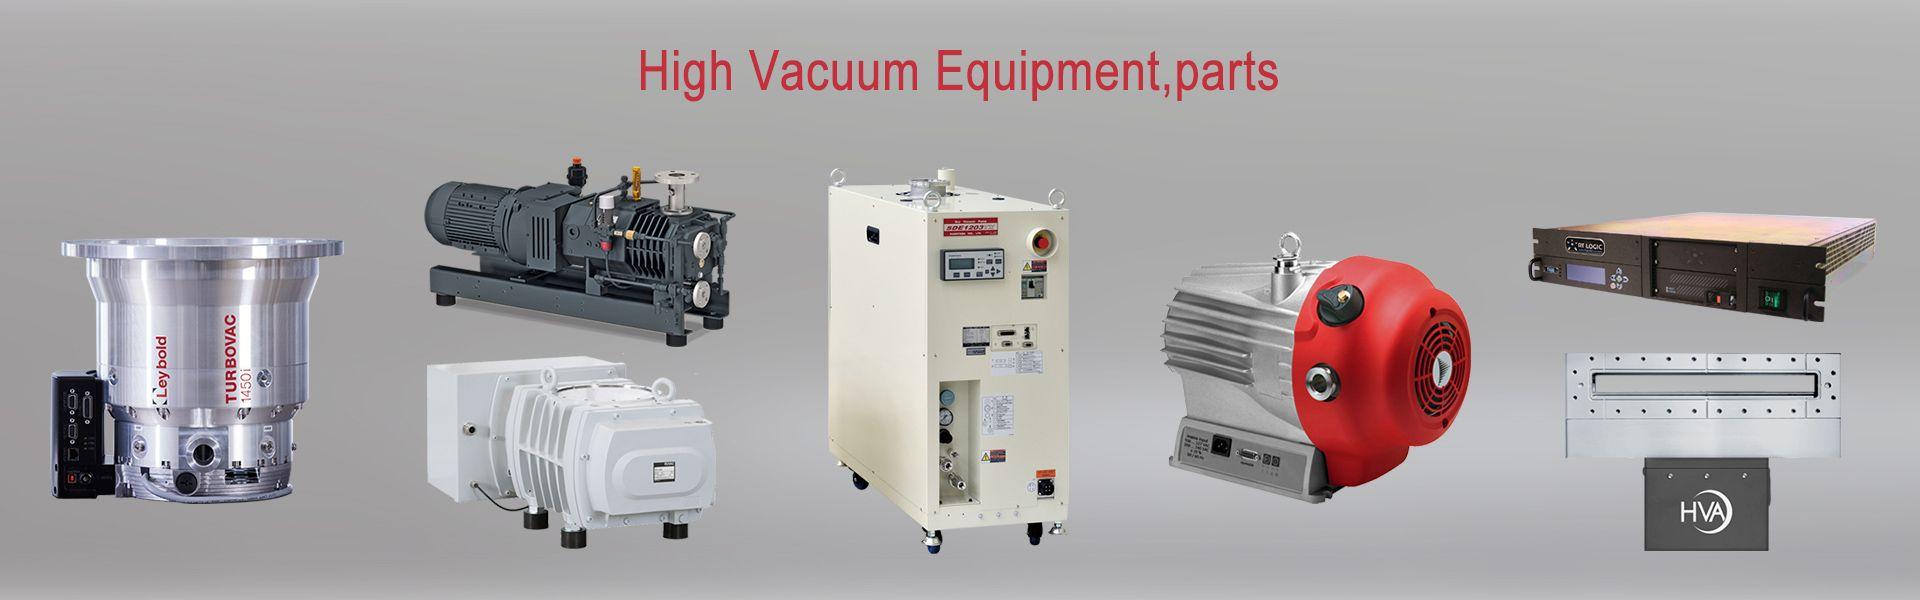 High Vacuum Equipment,parts